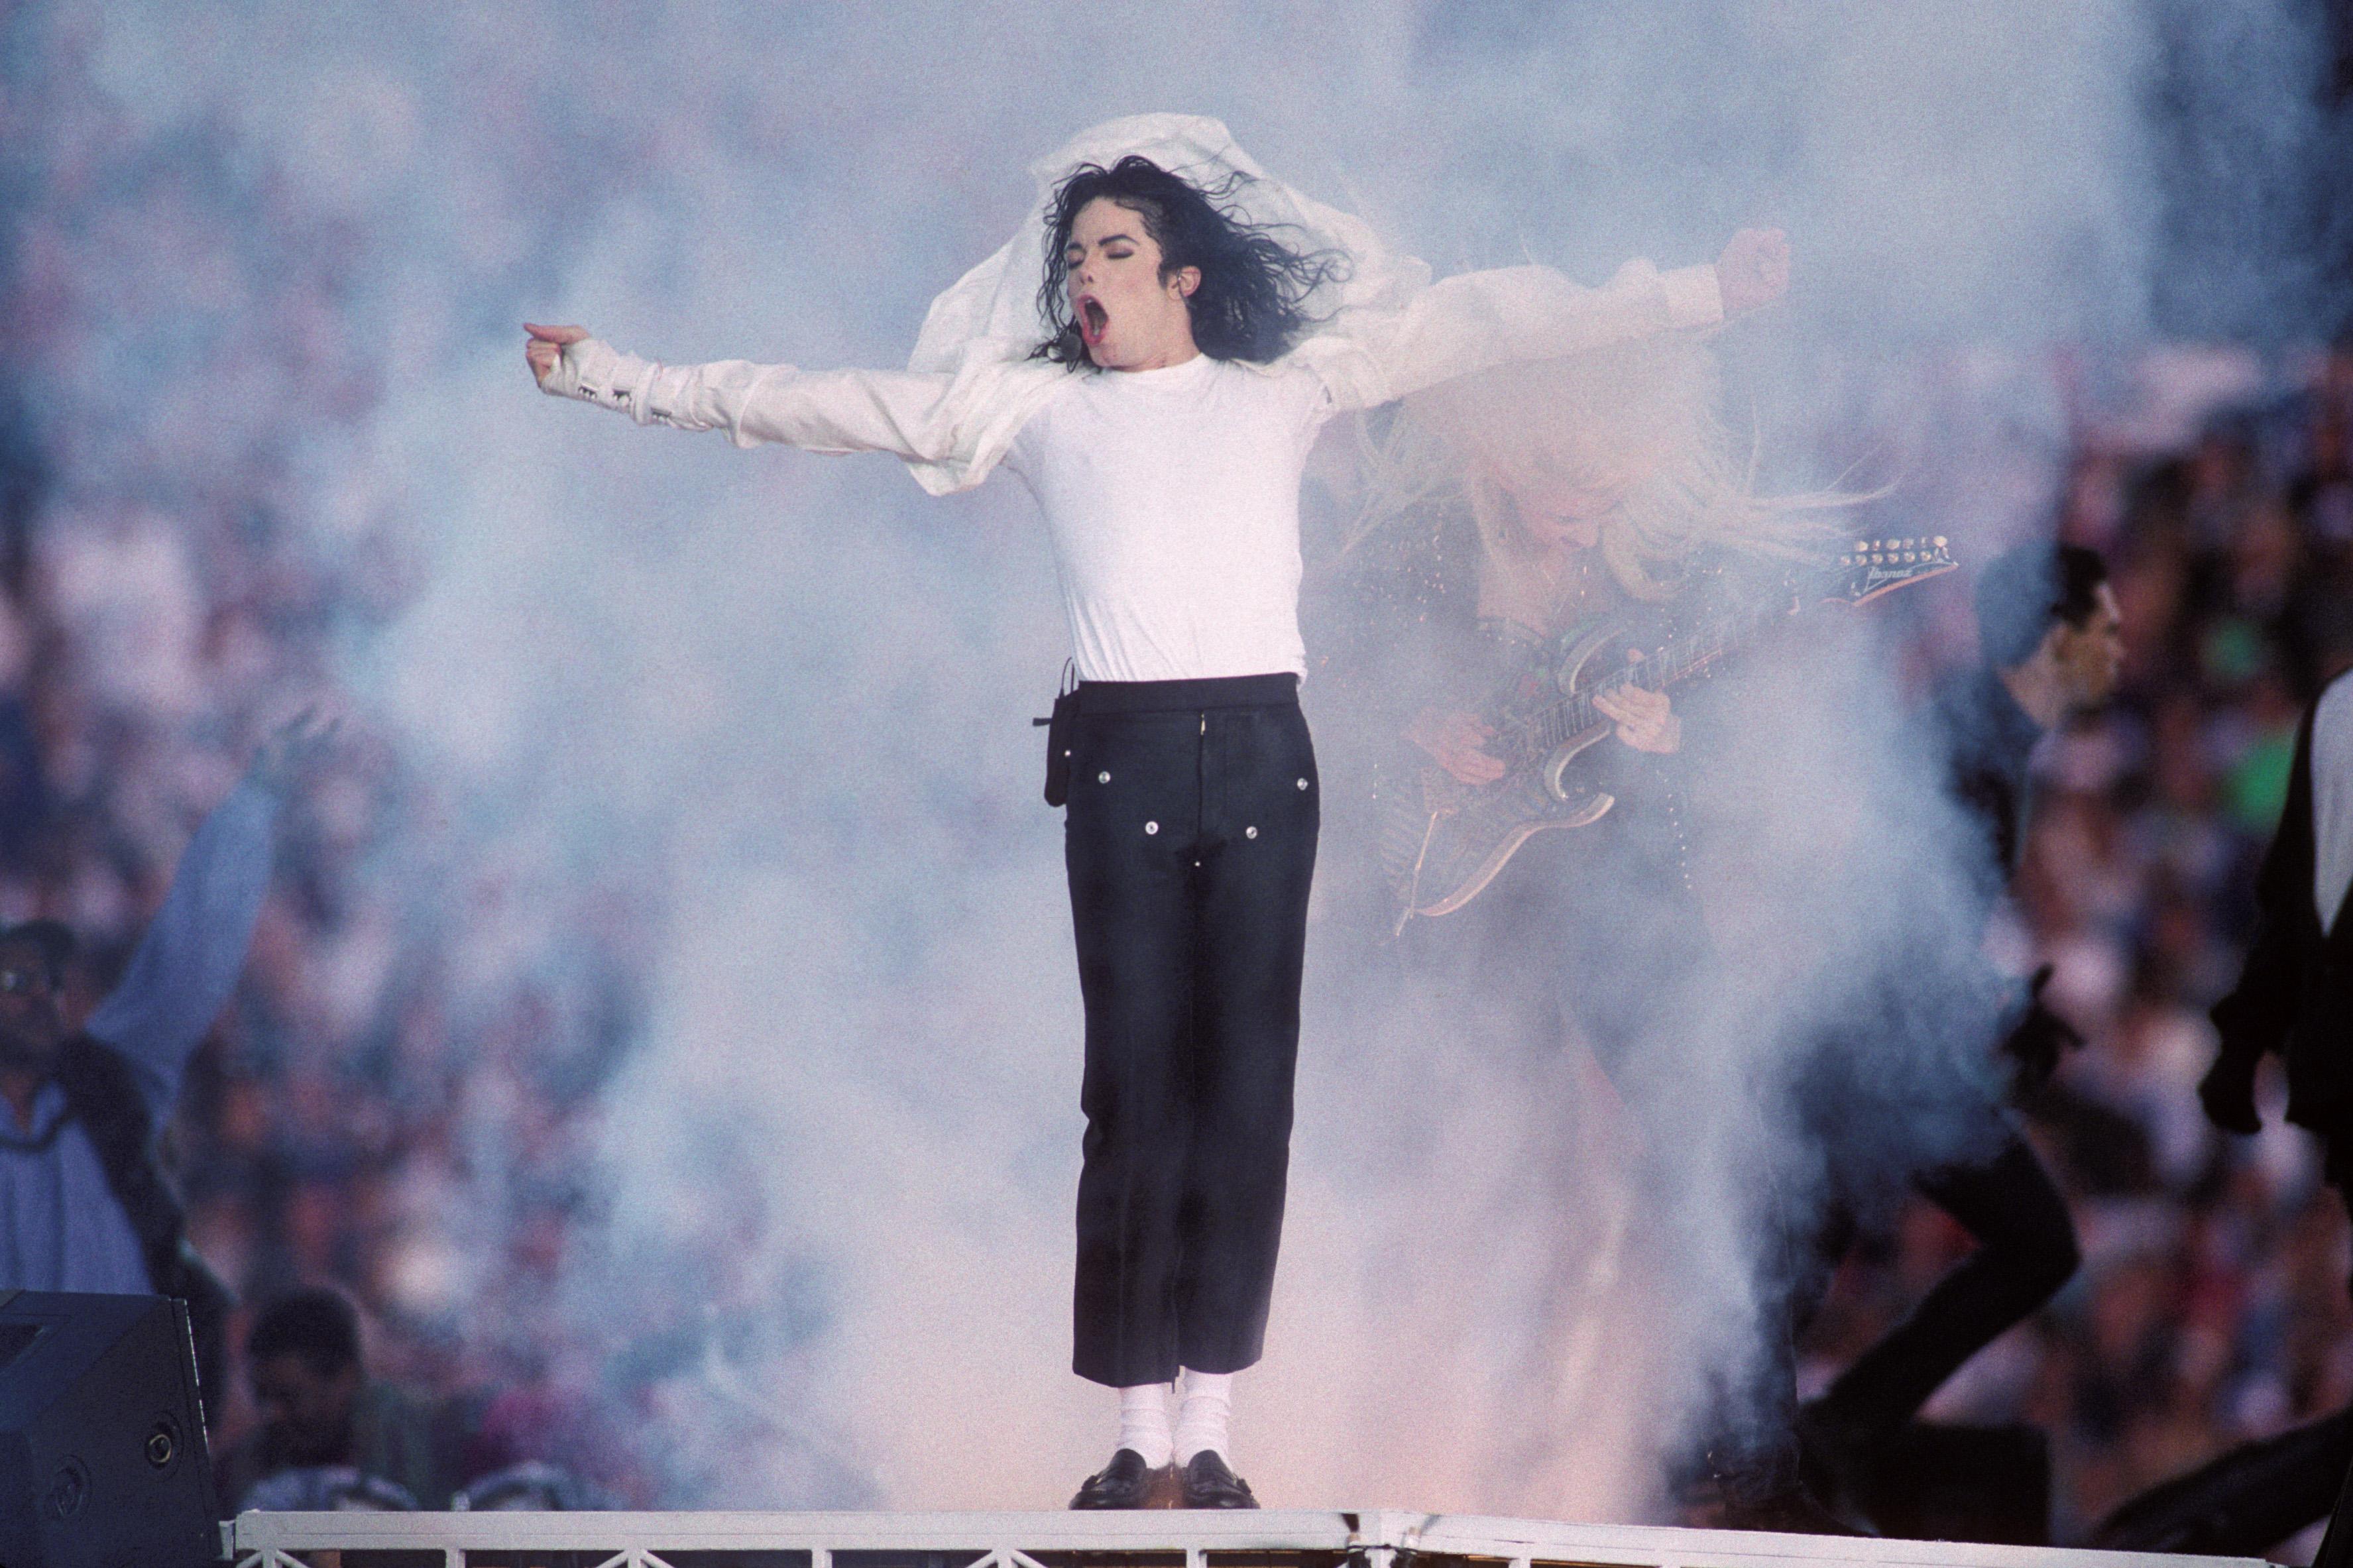 3个主要广播电台拉迈克尔·杰克逊的音乐引用了